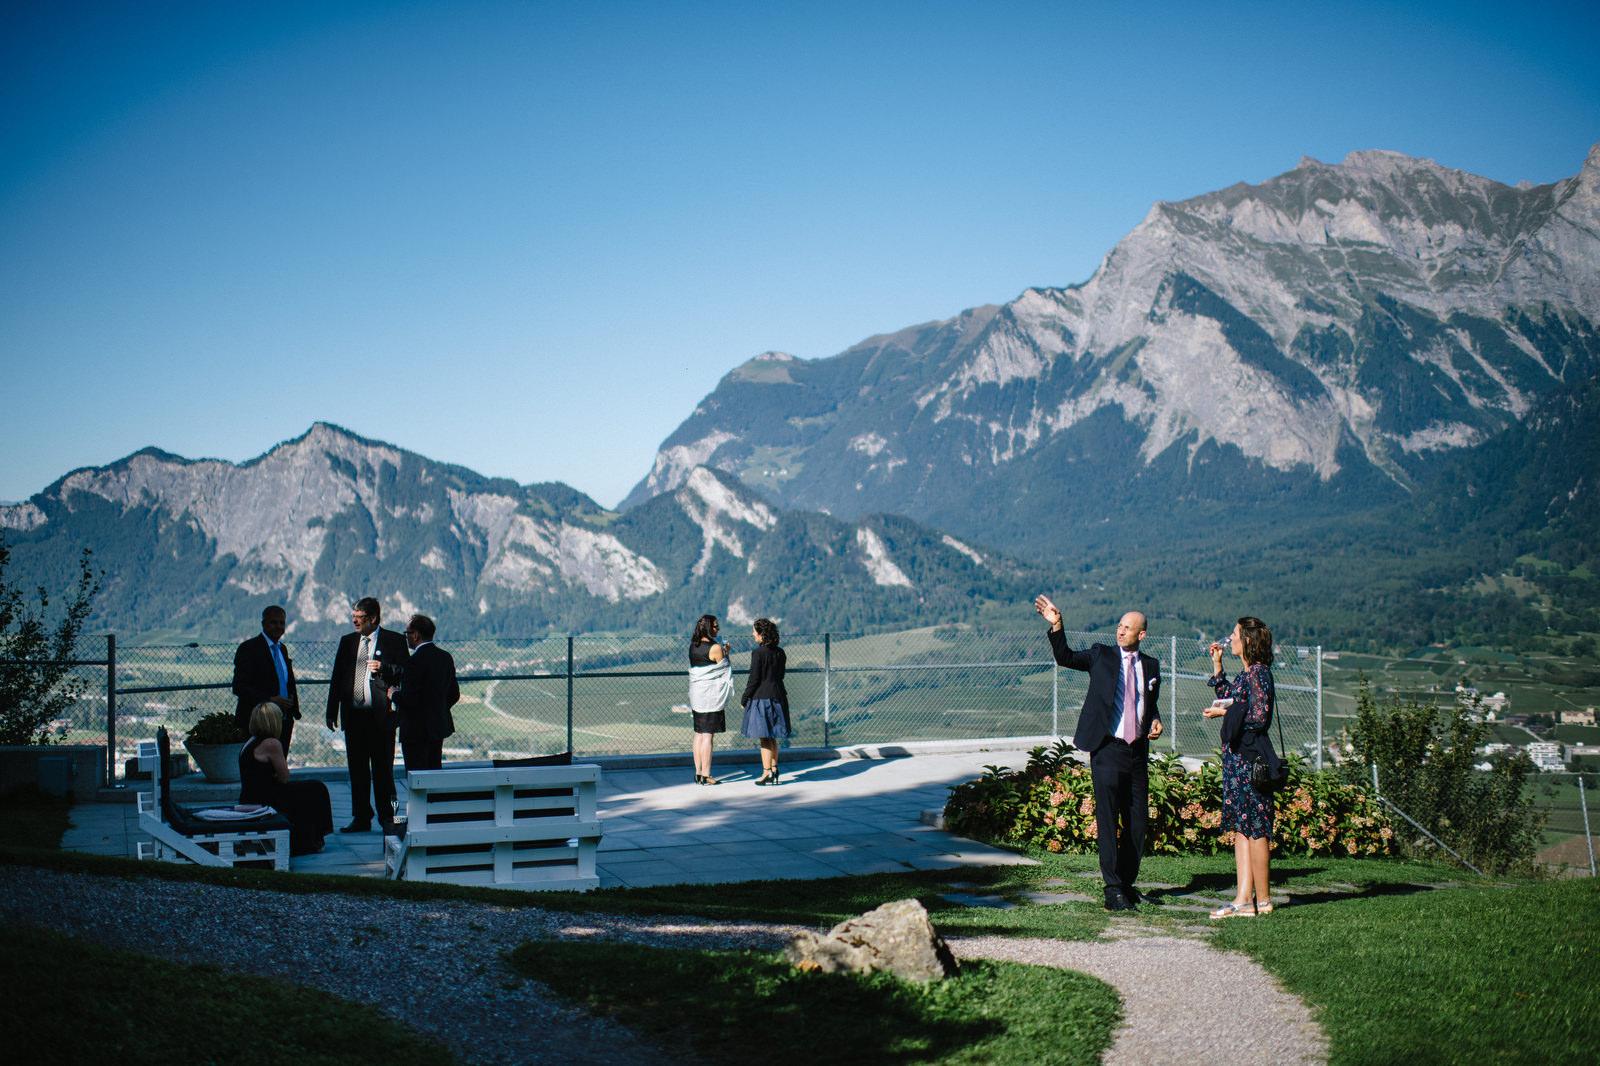 Fotograf Konstanz - Luxus Hochzeit Fotograf Grand Resort Bad Ragaz Schweiz Lichtenstein 112 - Destination wedding at the Grand Resort Bad Ragaz, Swiss  - 172 -